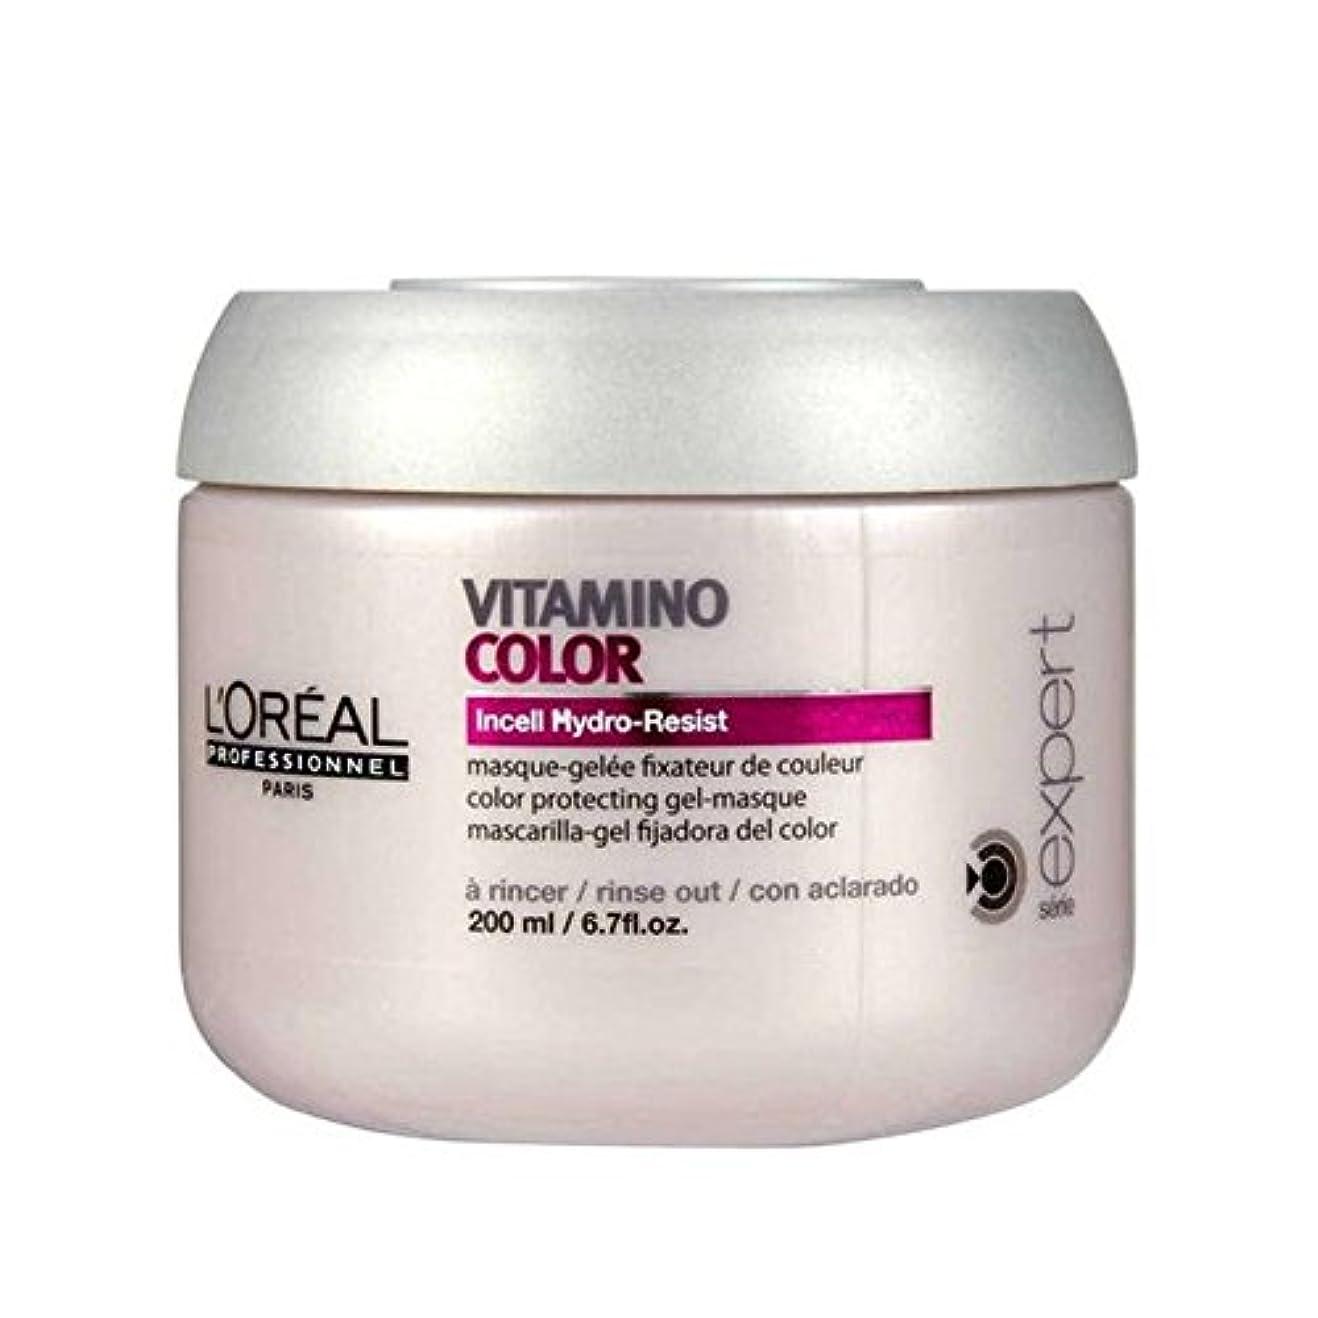 肺炎習熟度ナイトスポットL'Oreal Professionnel Serie Expert Vitamino Color Masque (200ml) - ロレアルのプロフェッショナルは、専門家カラー仮面劇(200ミリリットル)をセリエ [並行輸入品]